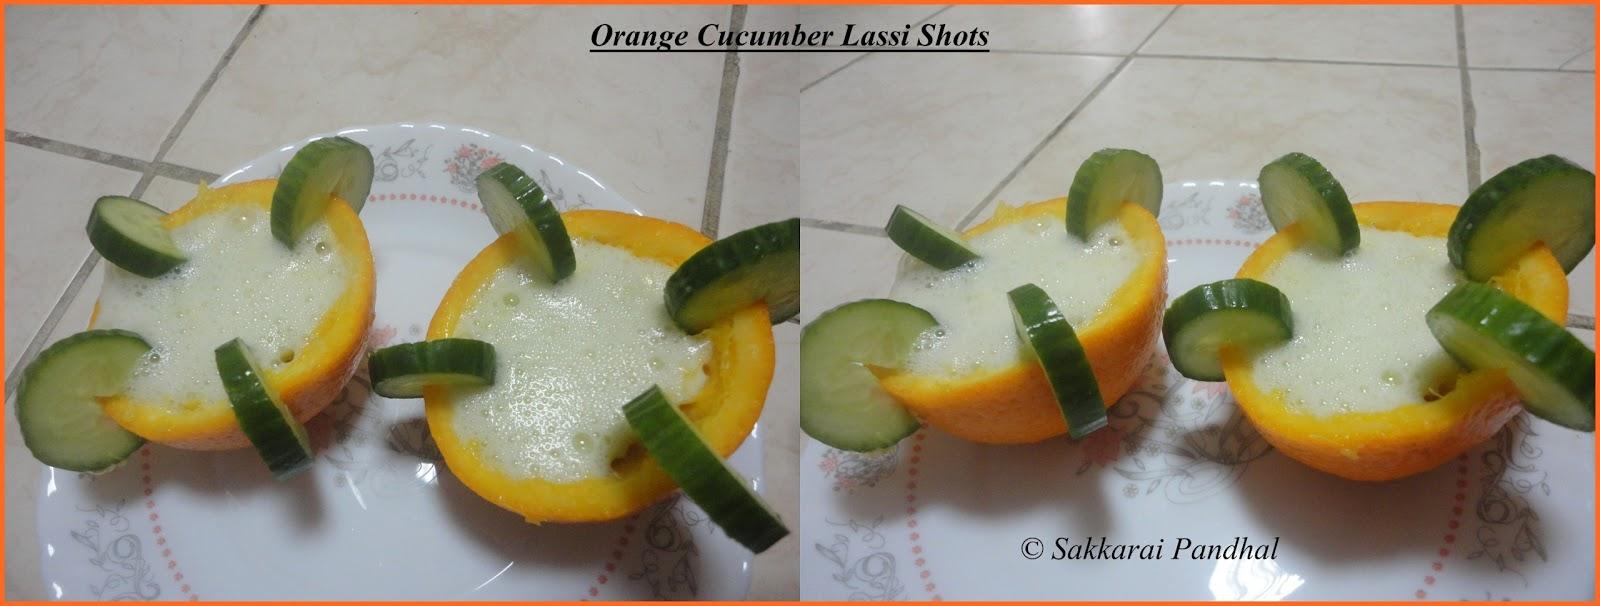 Sakkarai Pandhal Pulpy Cucumber Orange Lassi Shots